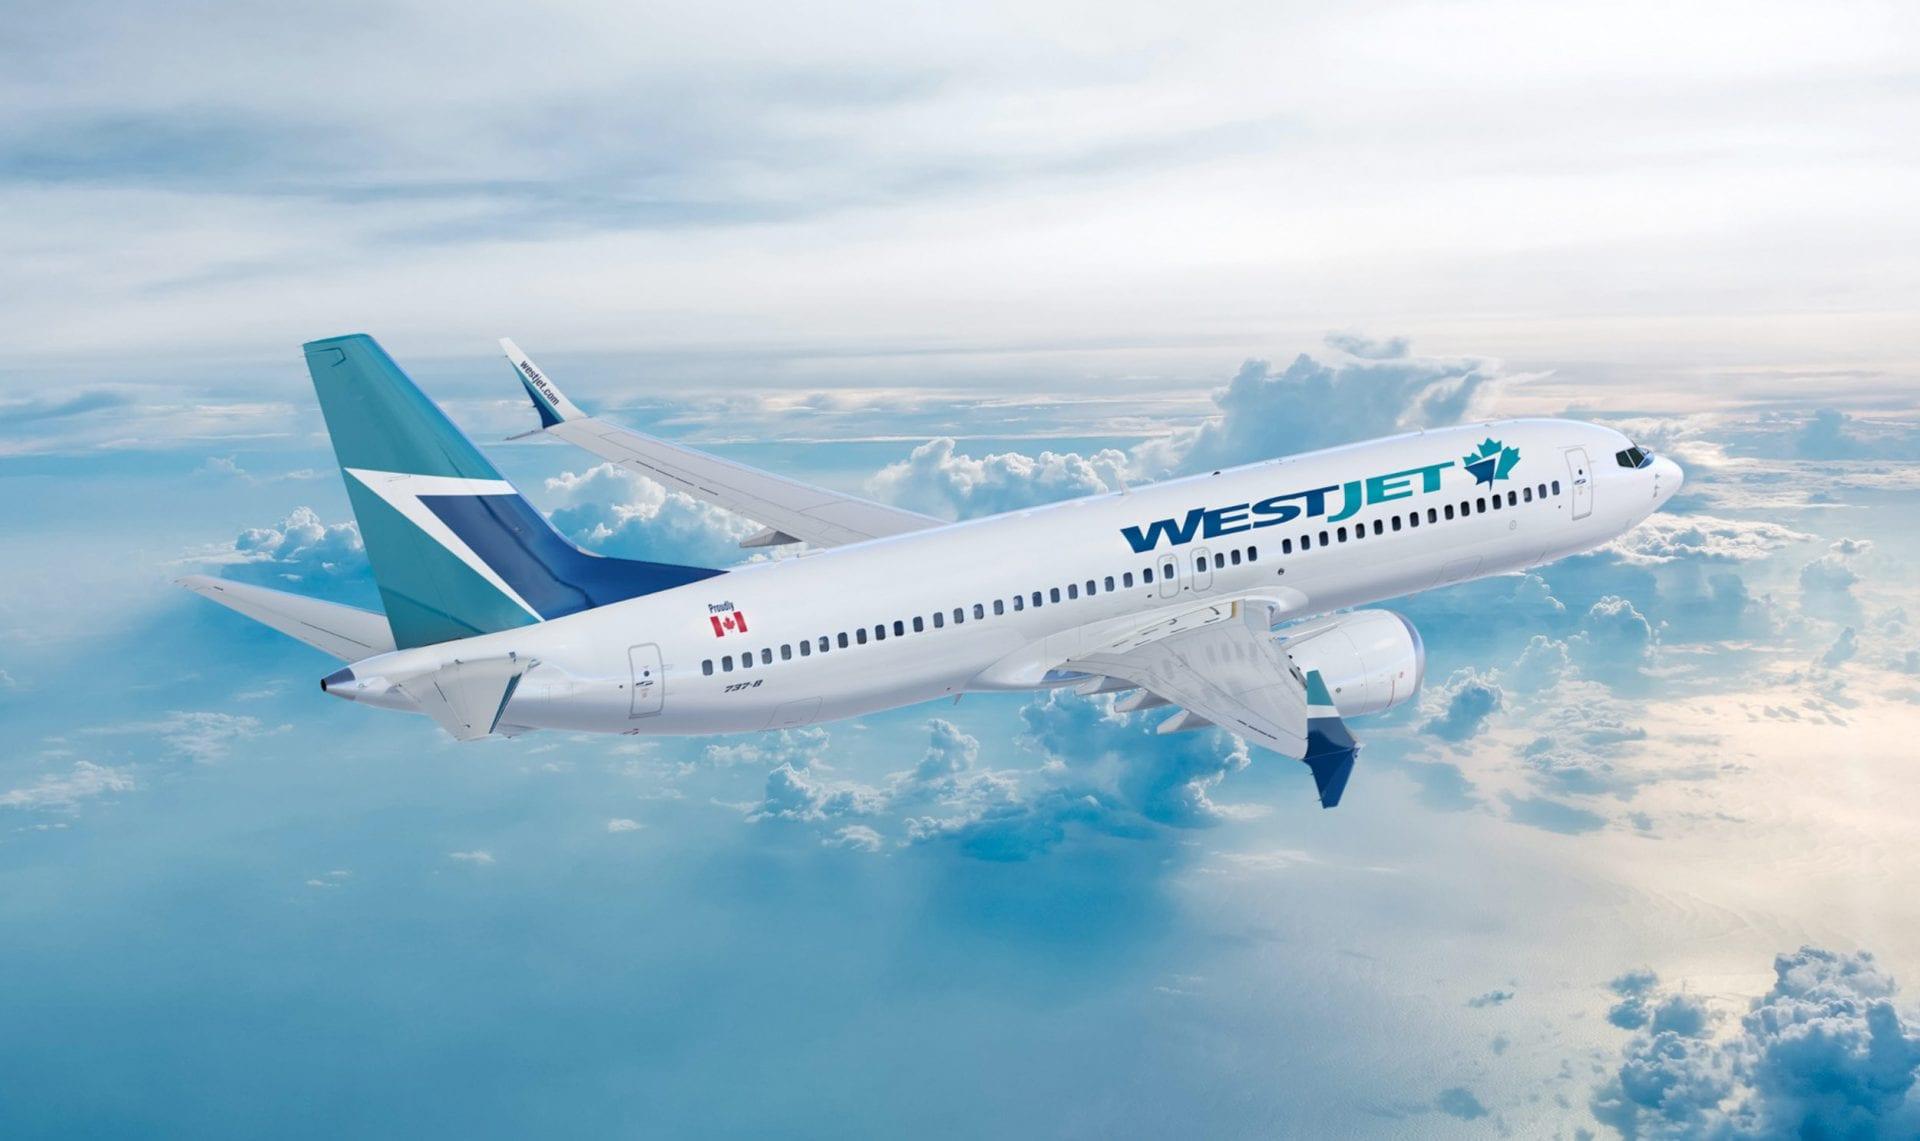 737-max-westjet-flights-belize